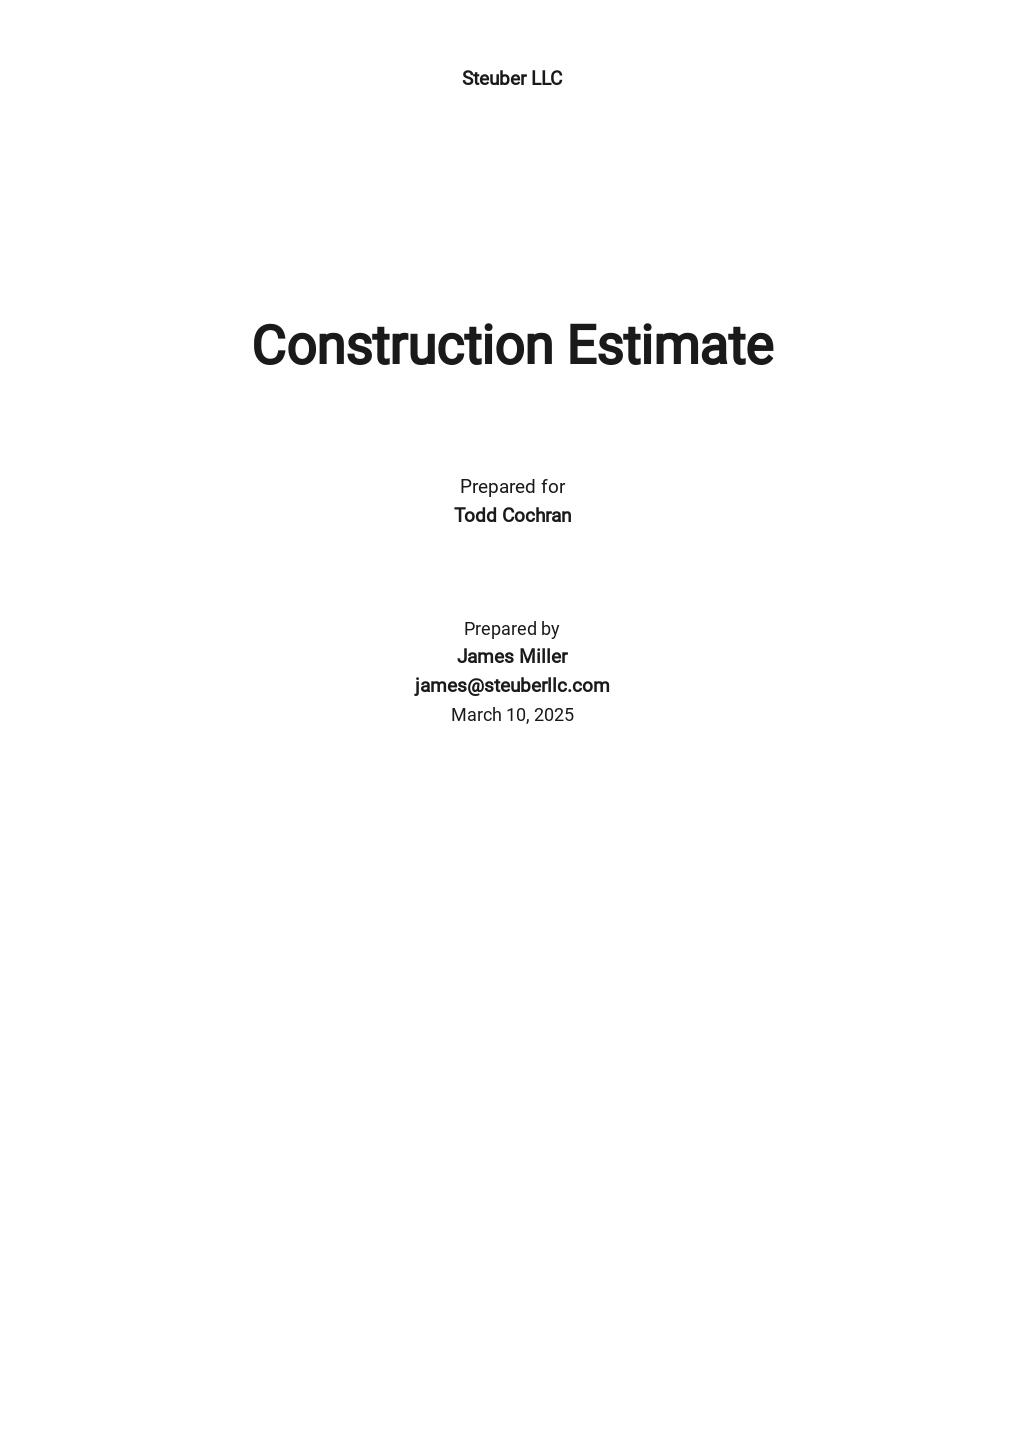 Custom Construction Estimate Template